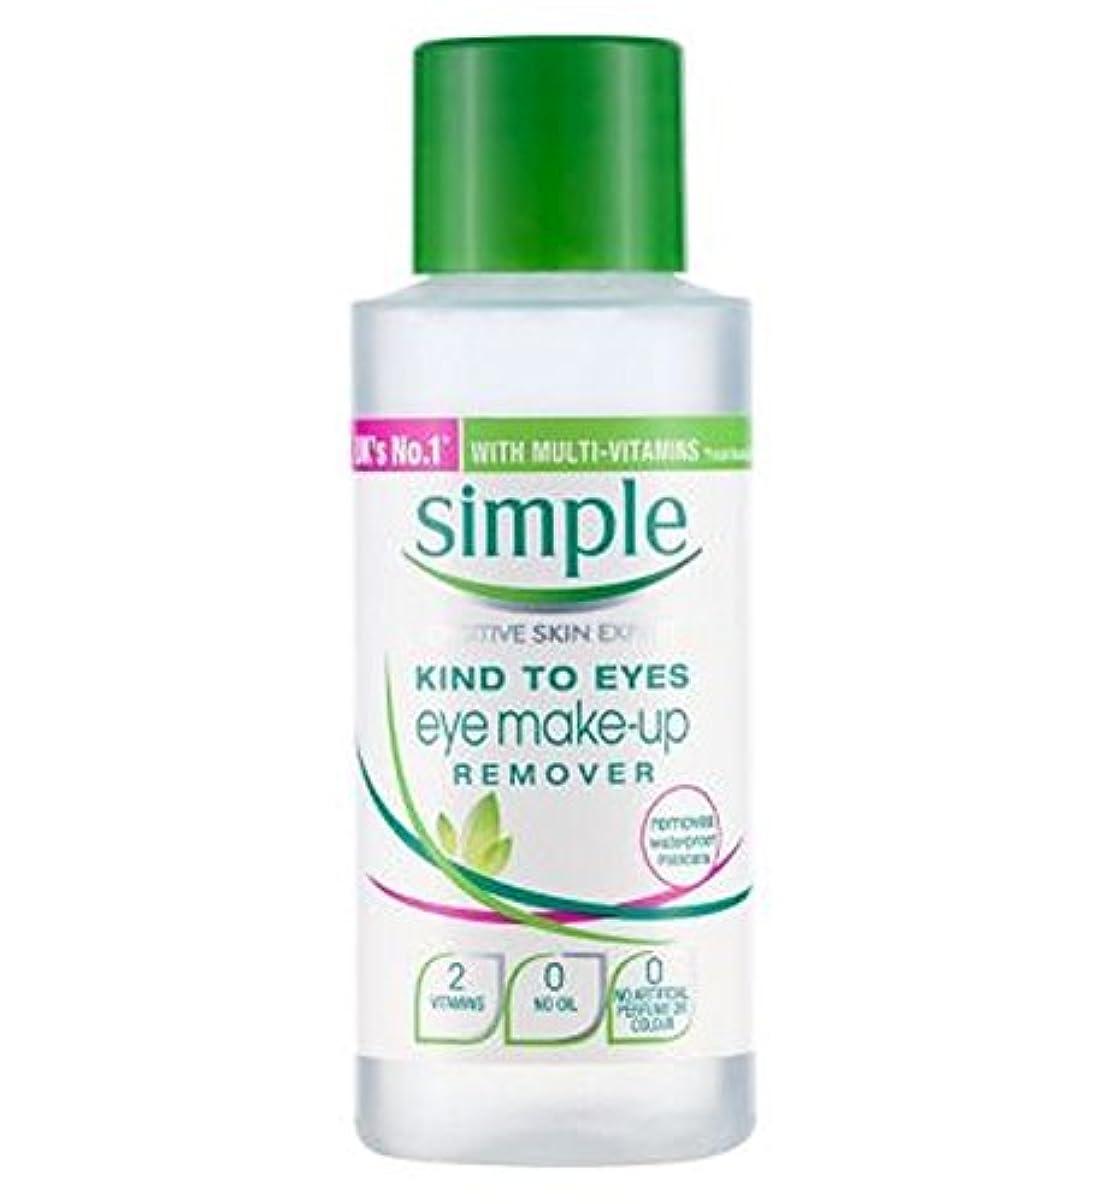 責めマイコン別々にSimple Kind to Eyes Eye Make-Up Remover 50ml - 目のアイメイクアップリムーバーの50ミリリットルへの単純な種類 (Simple) [並行輸入品]